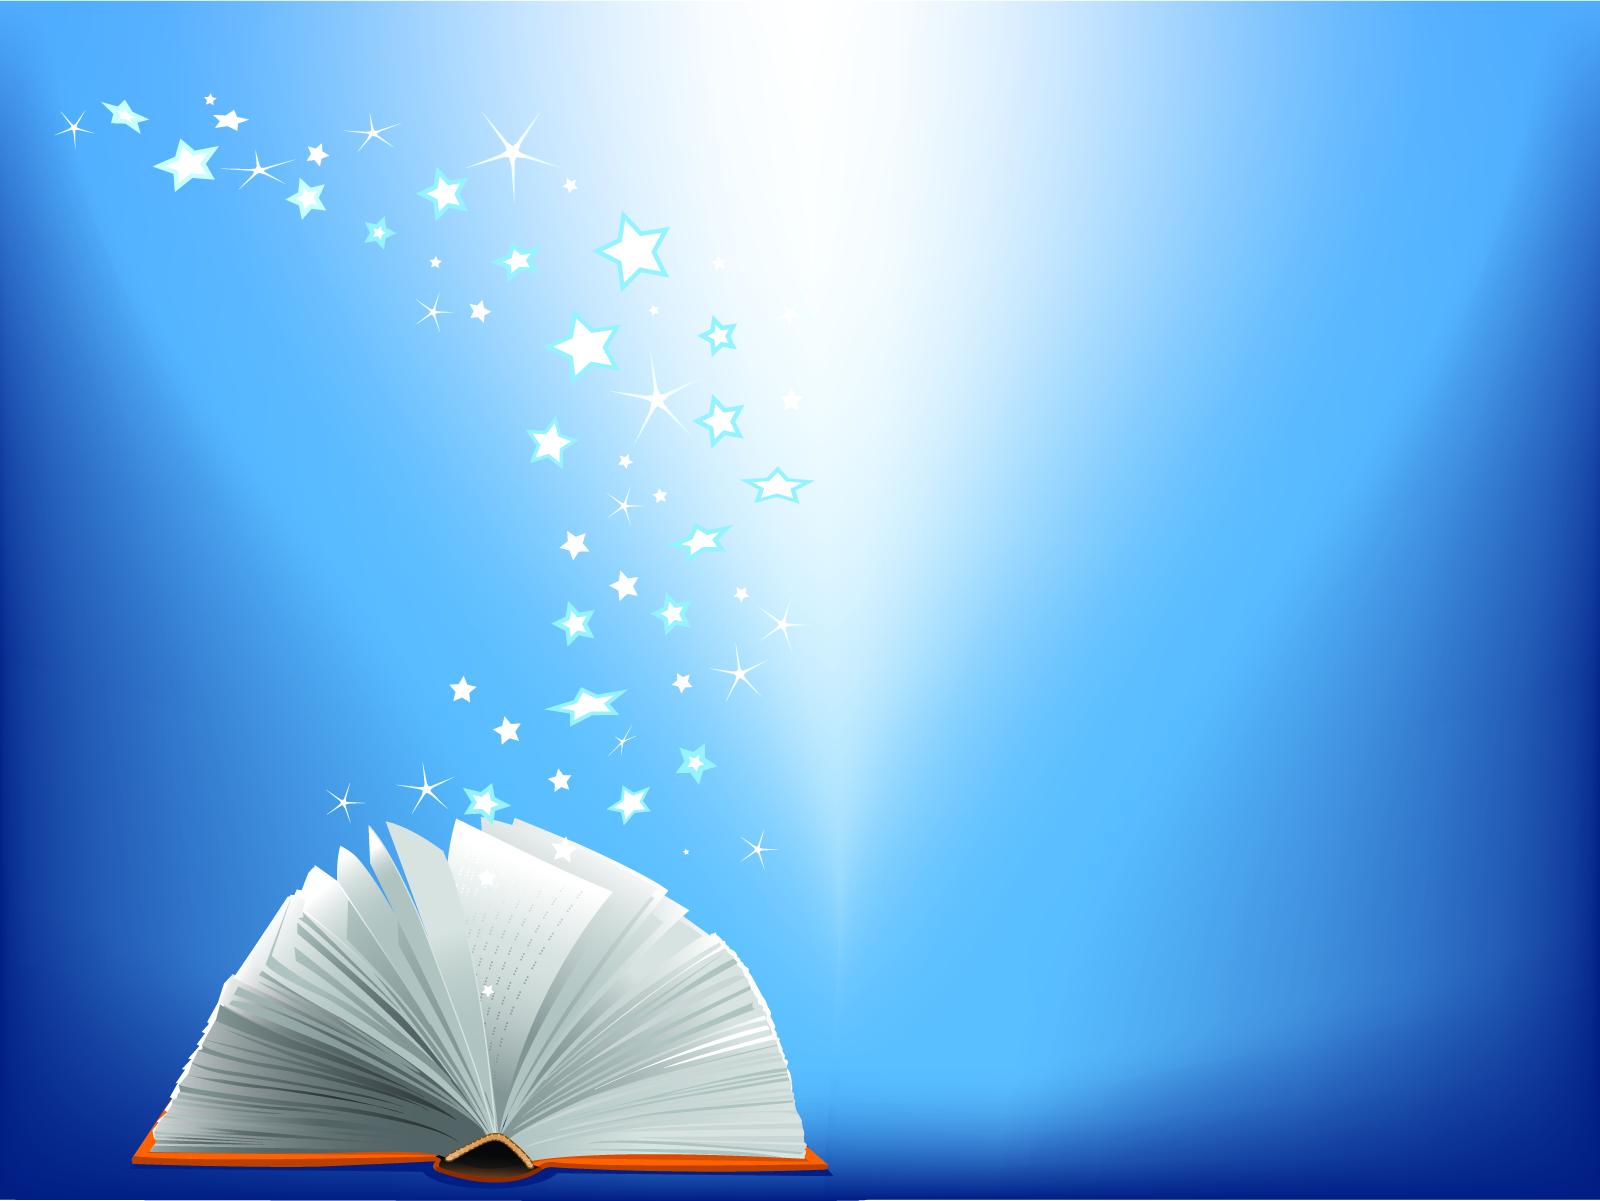 Hình nền Powerpoint sáng màu đẹp